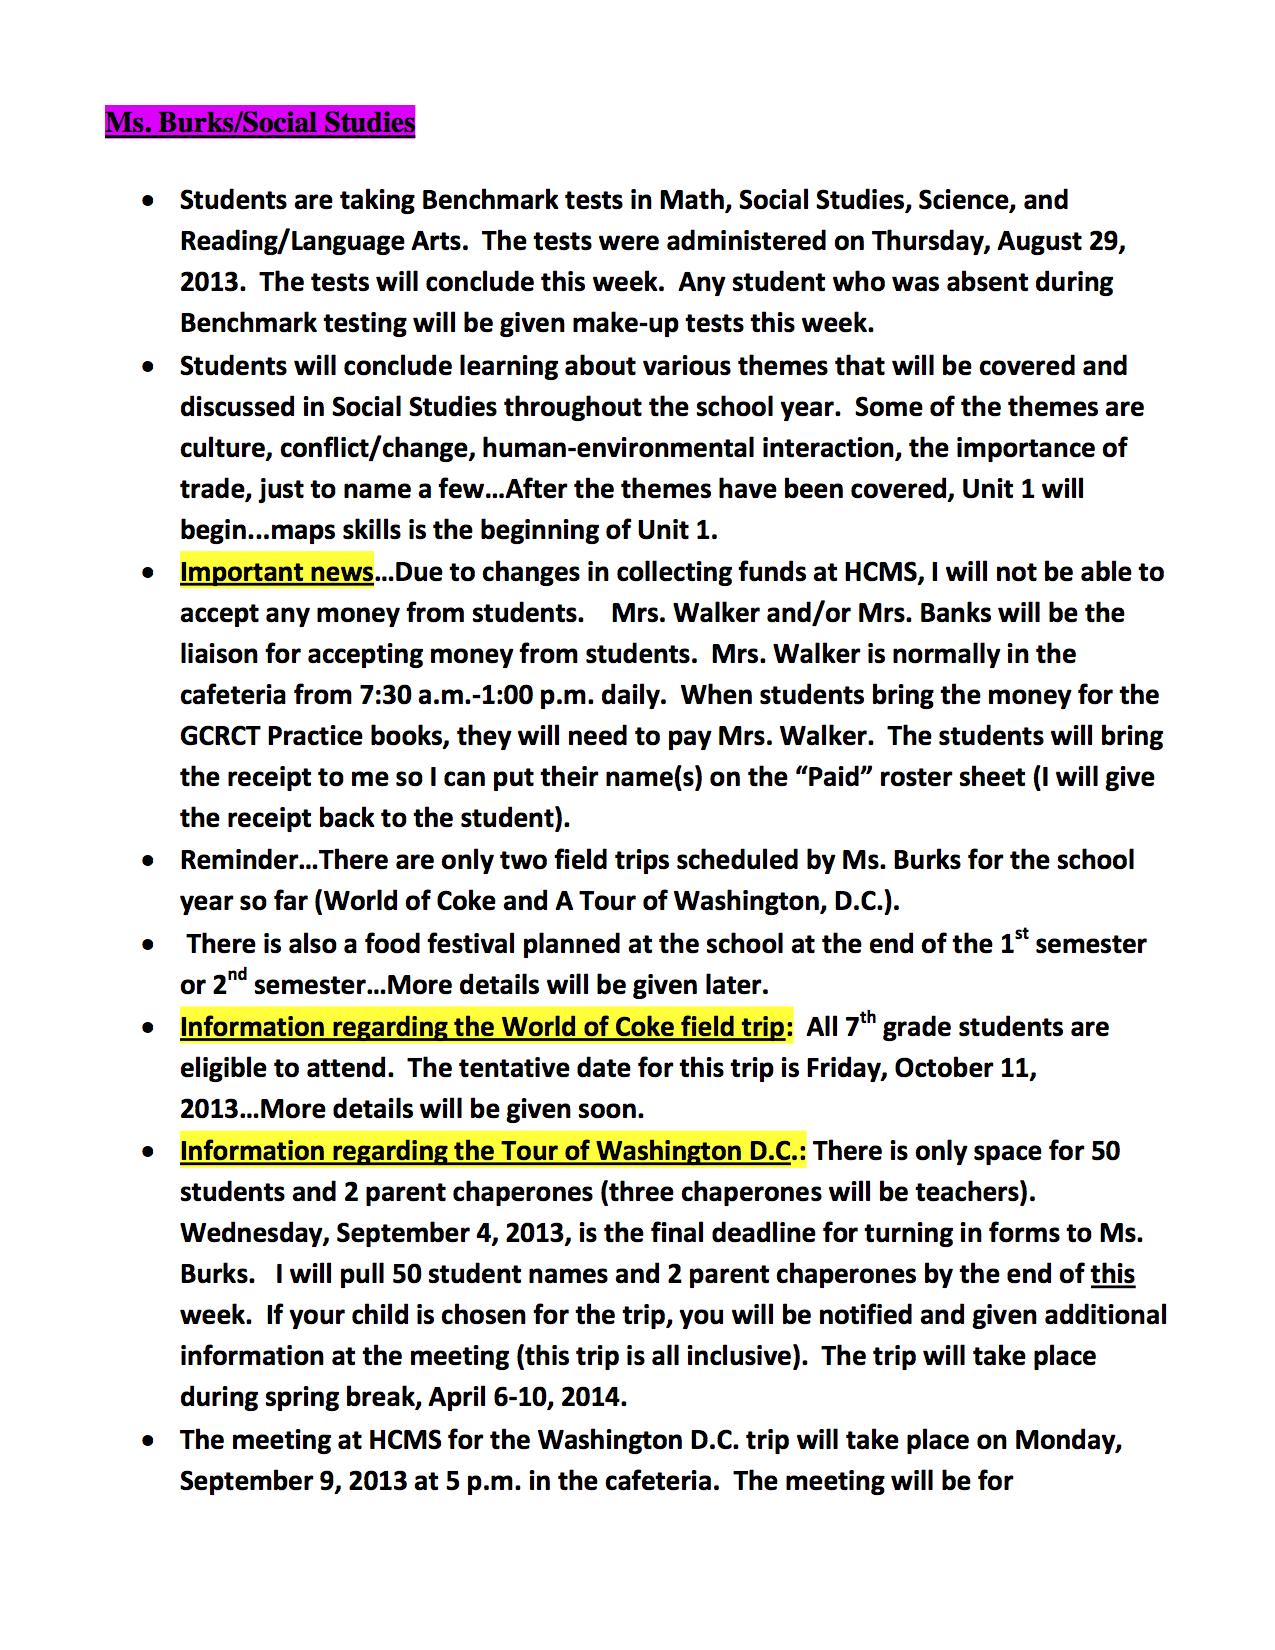 Newsletter for September 2 2013b.png